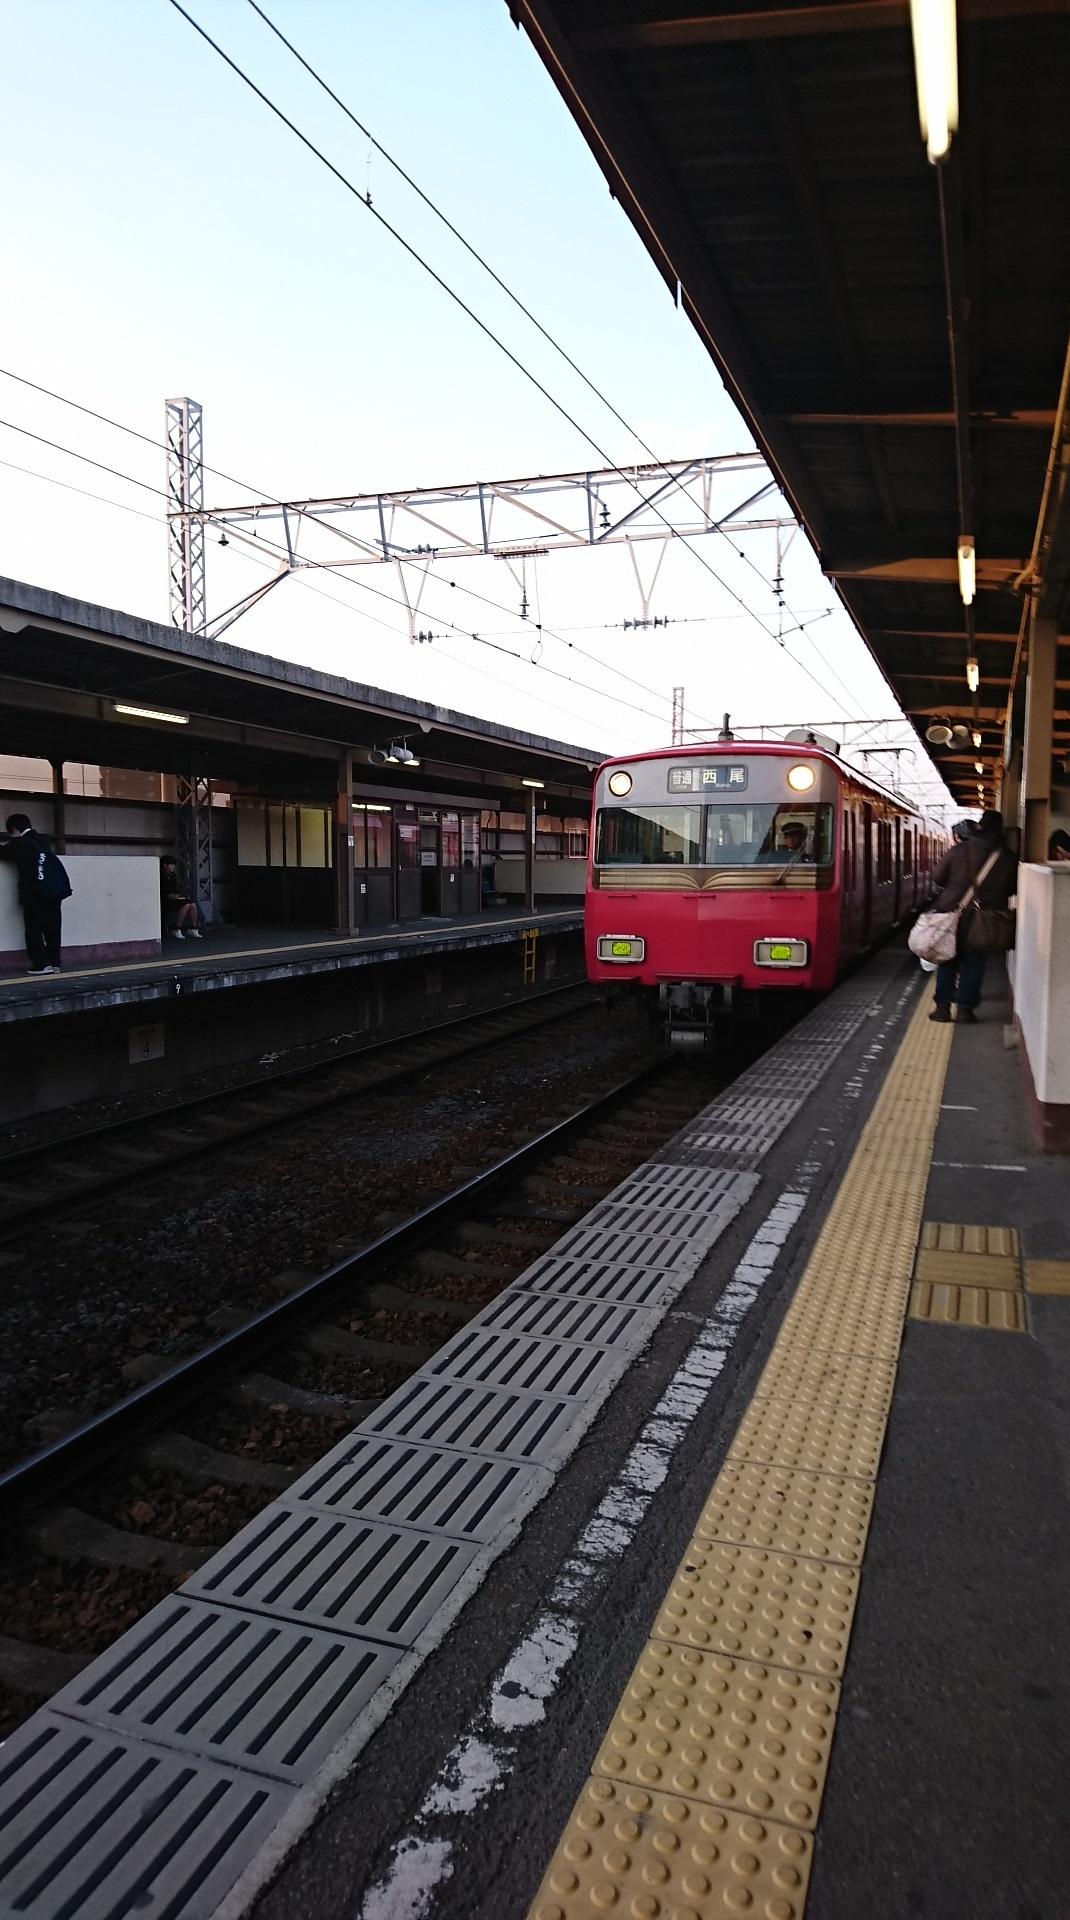 2018.2.23 東岡崎 (28) みなみあんじょう - 西尾いきふつう 1070-1920